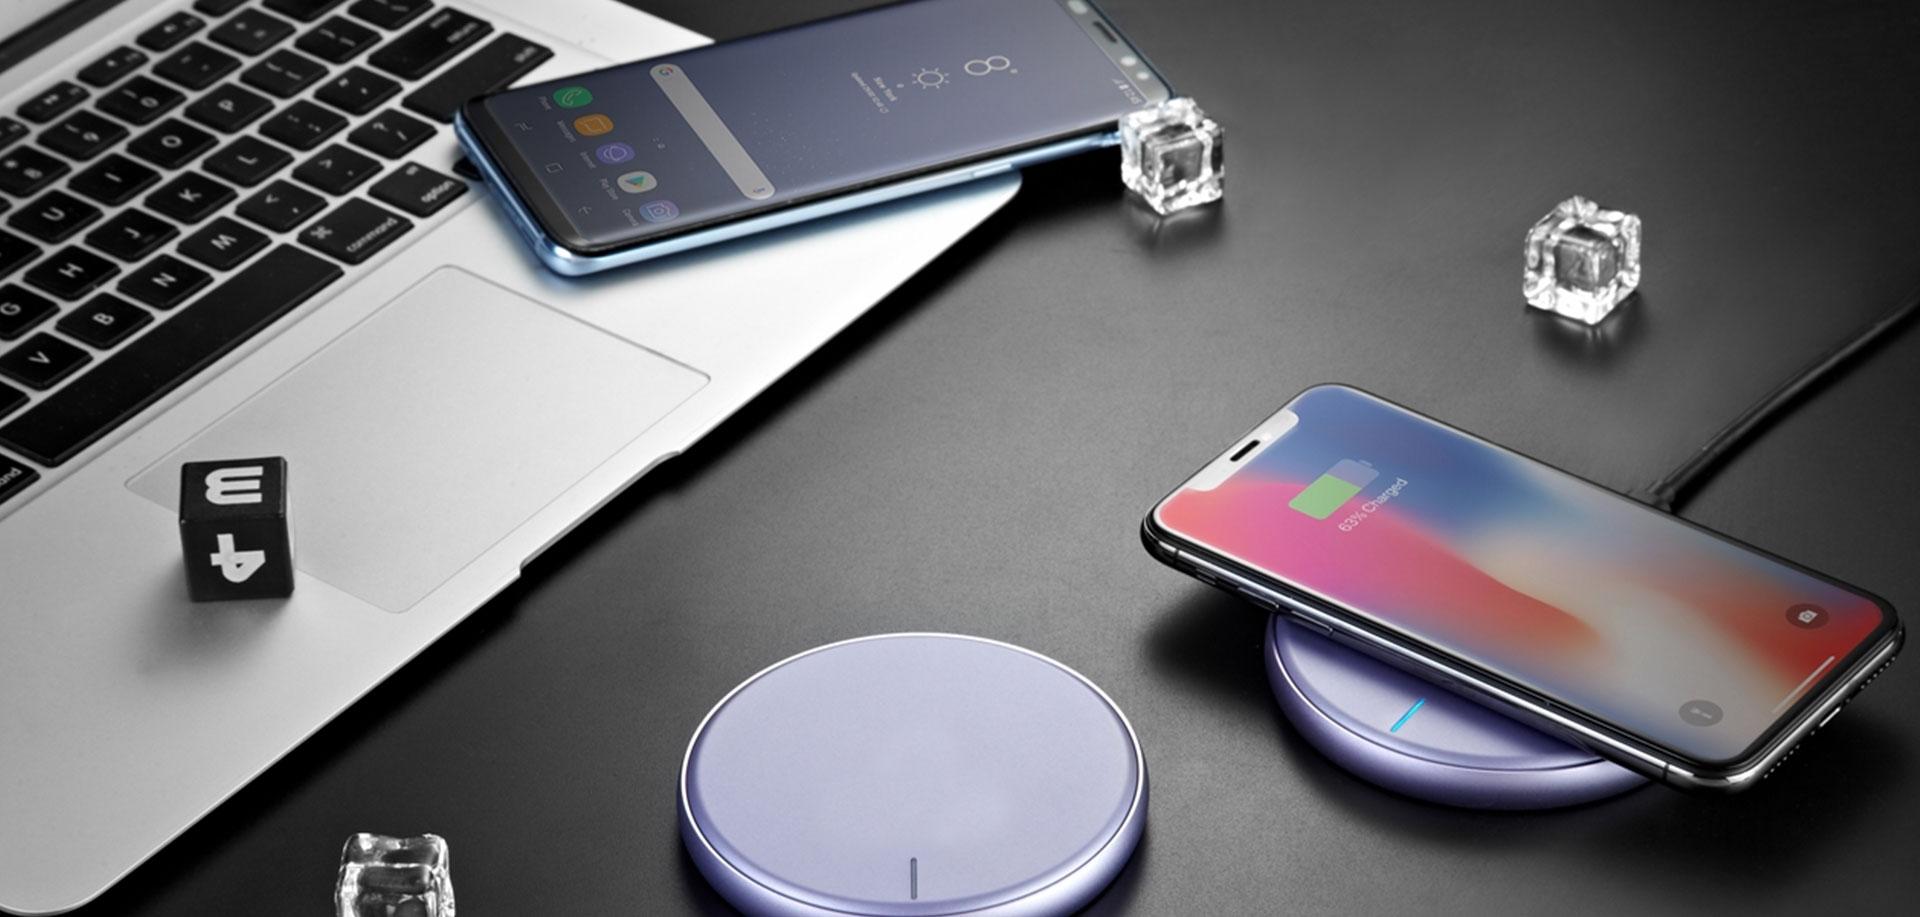 mobile accessory